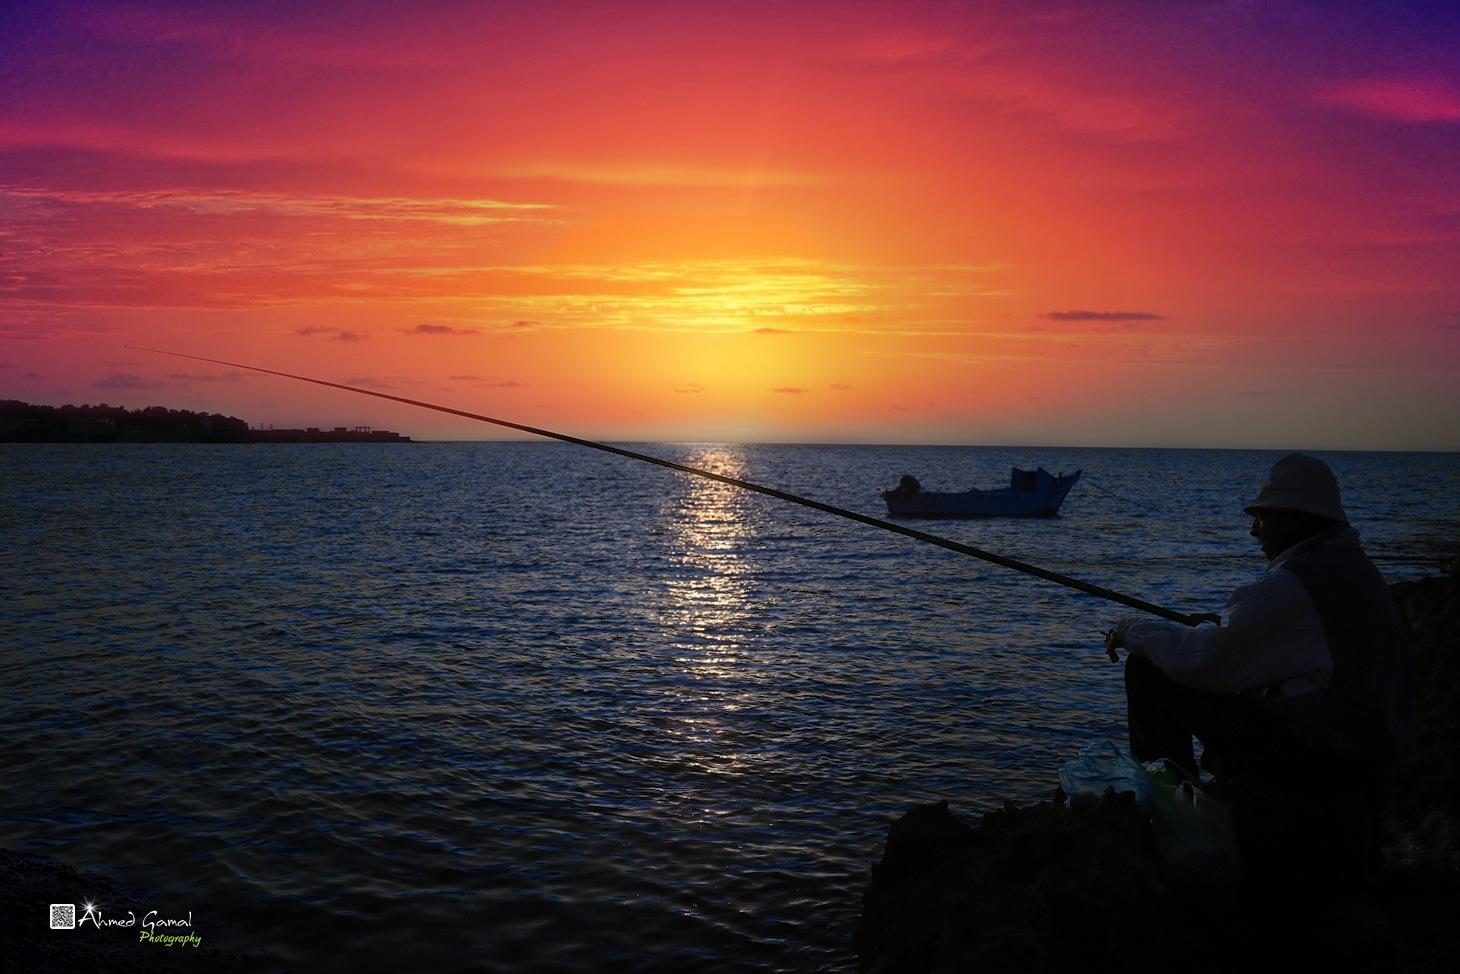 fishing by hamset7oob